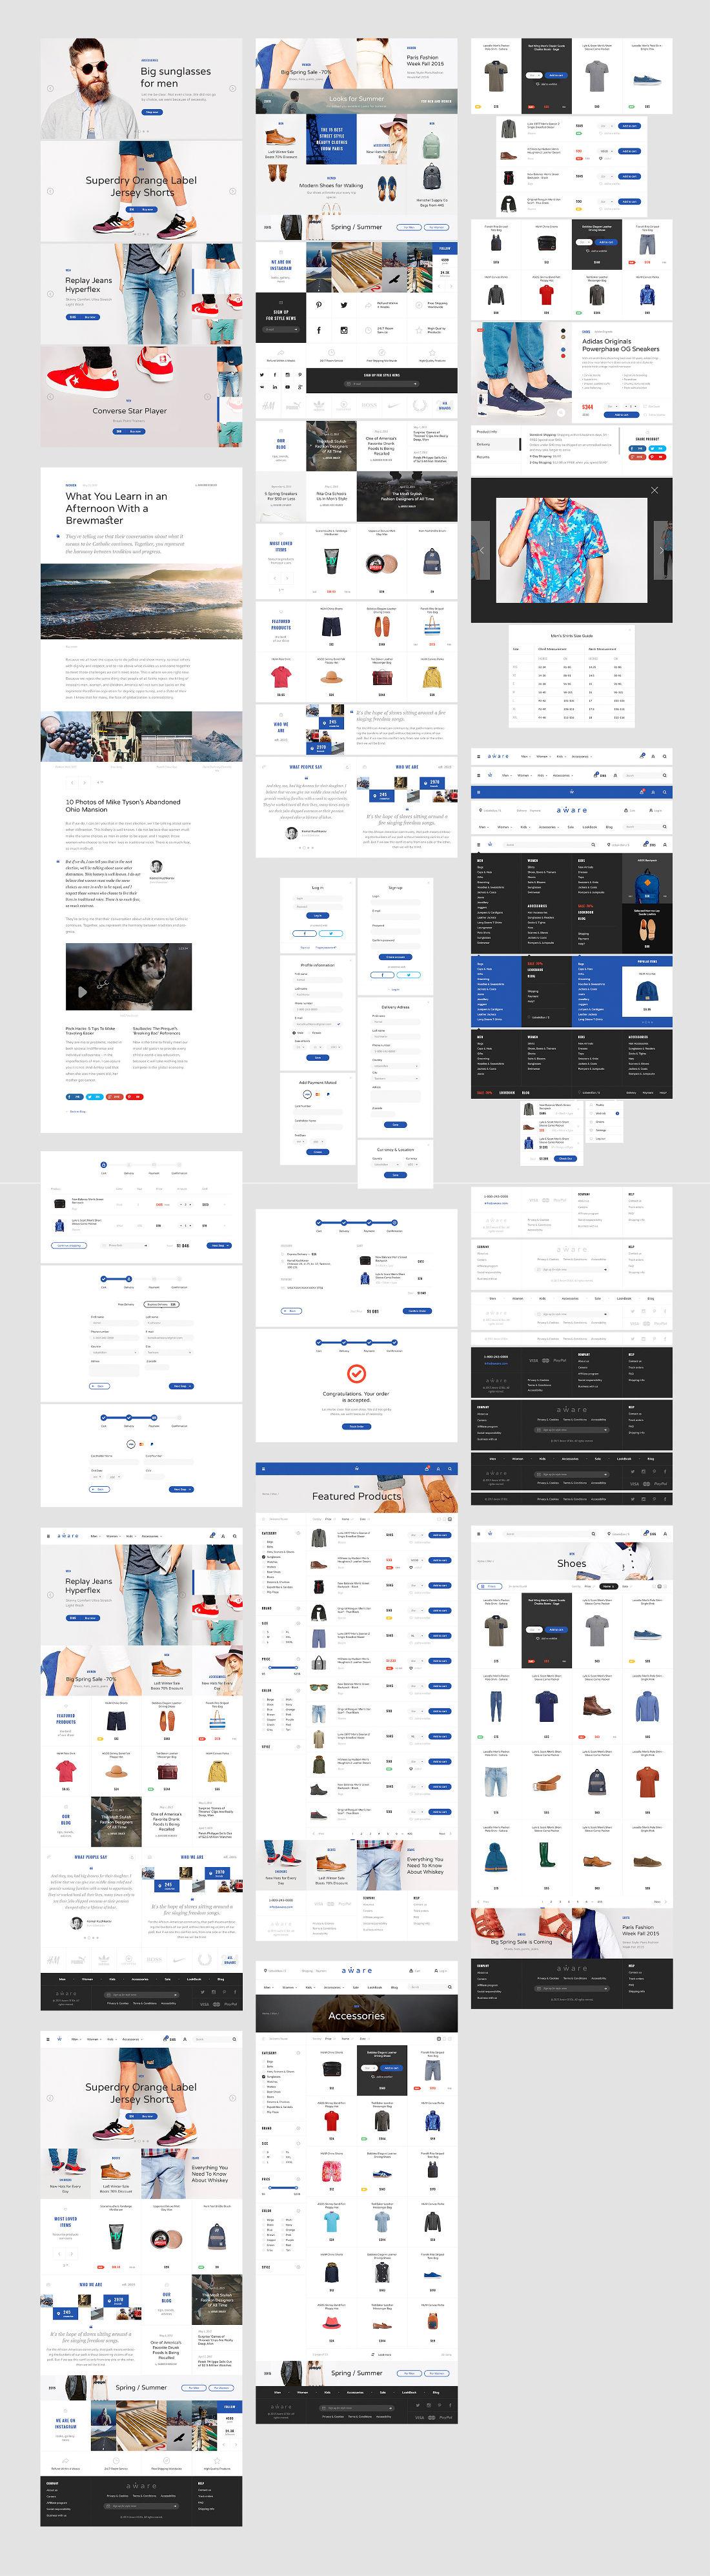 Free Aware eCommerce UI Kit